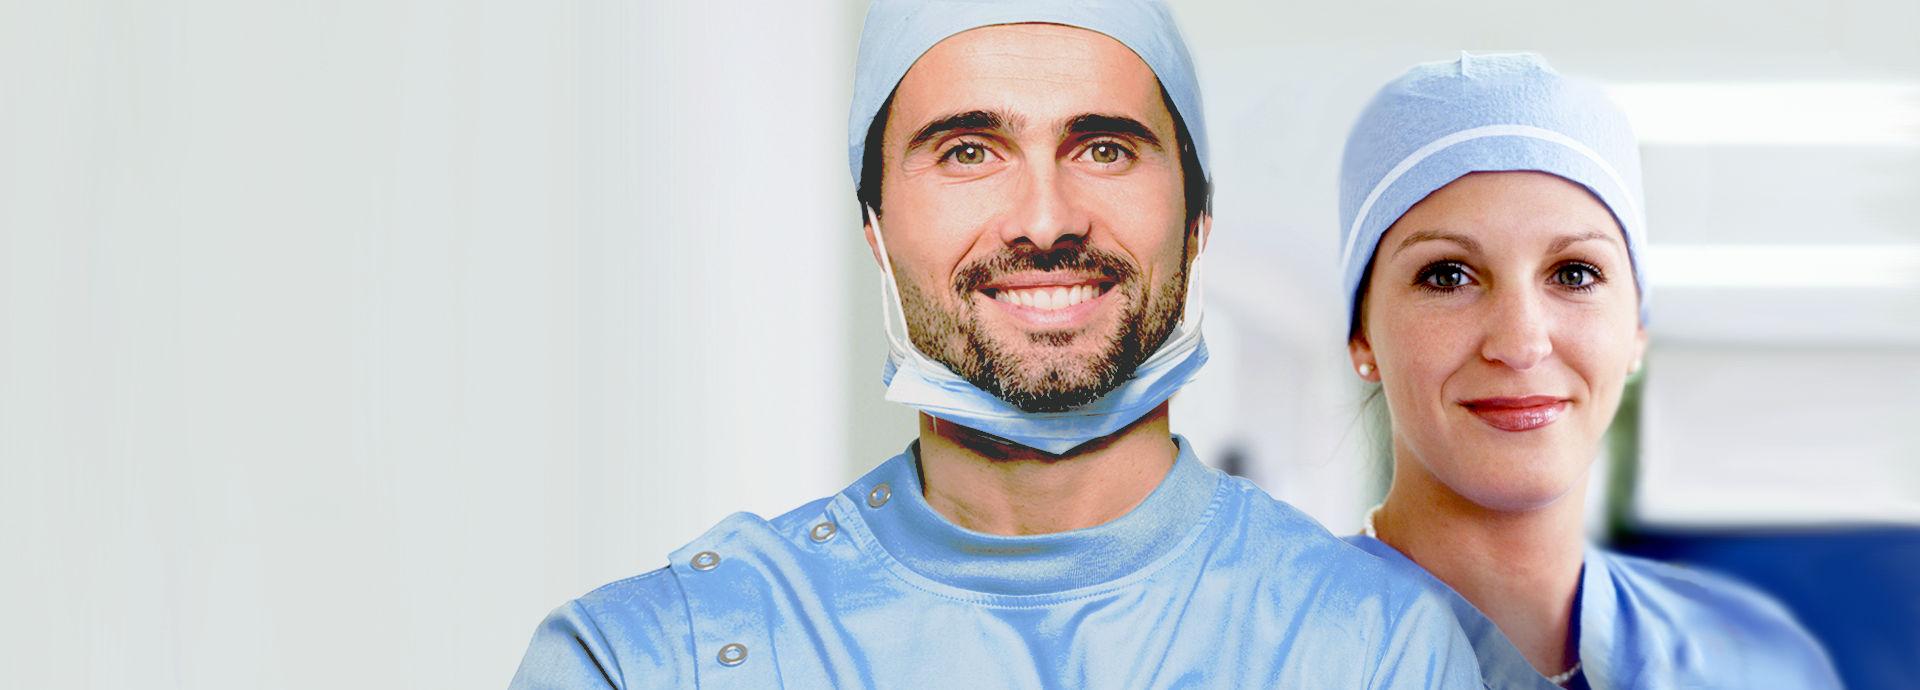 encontrar cirujano